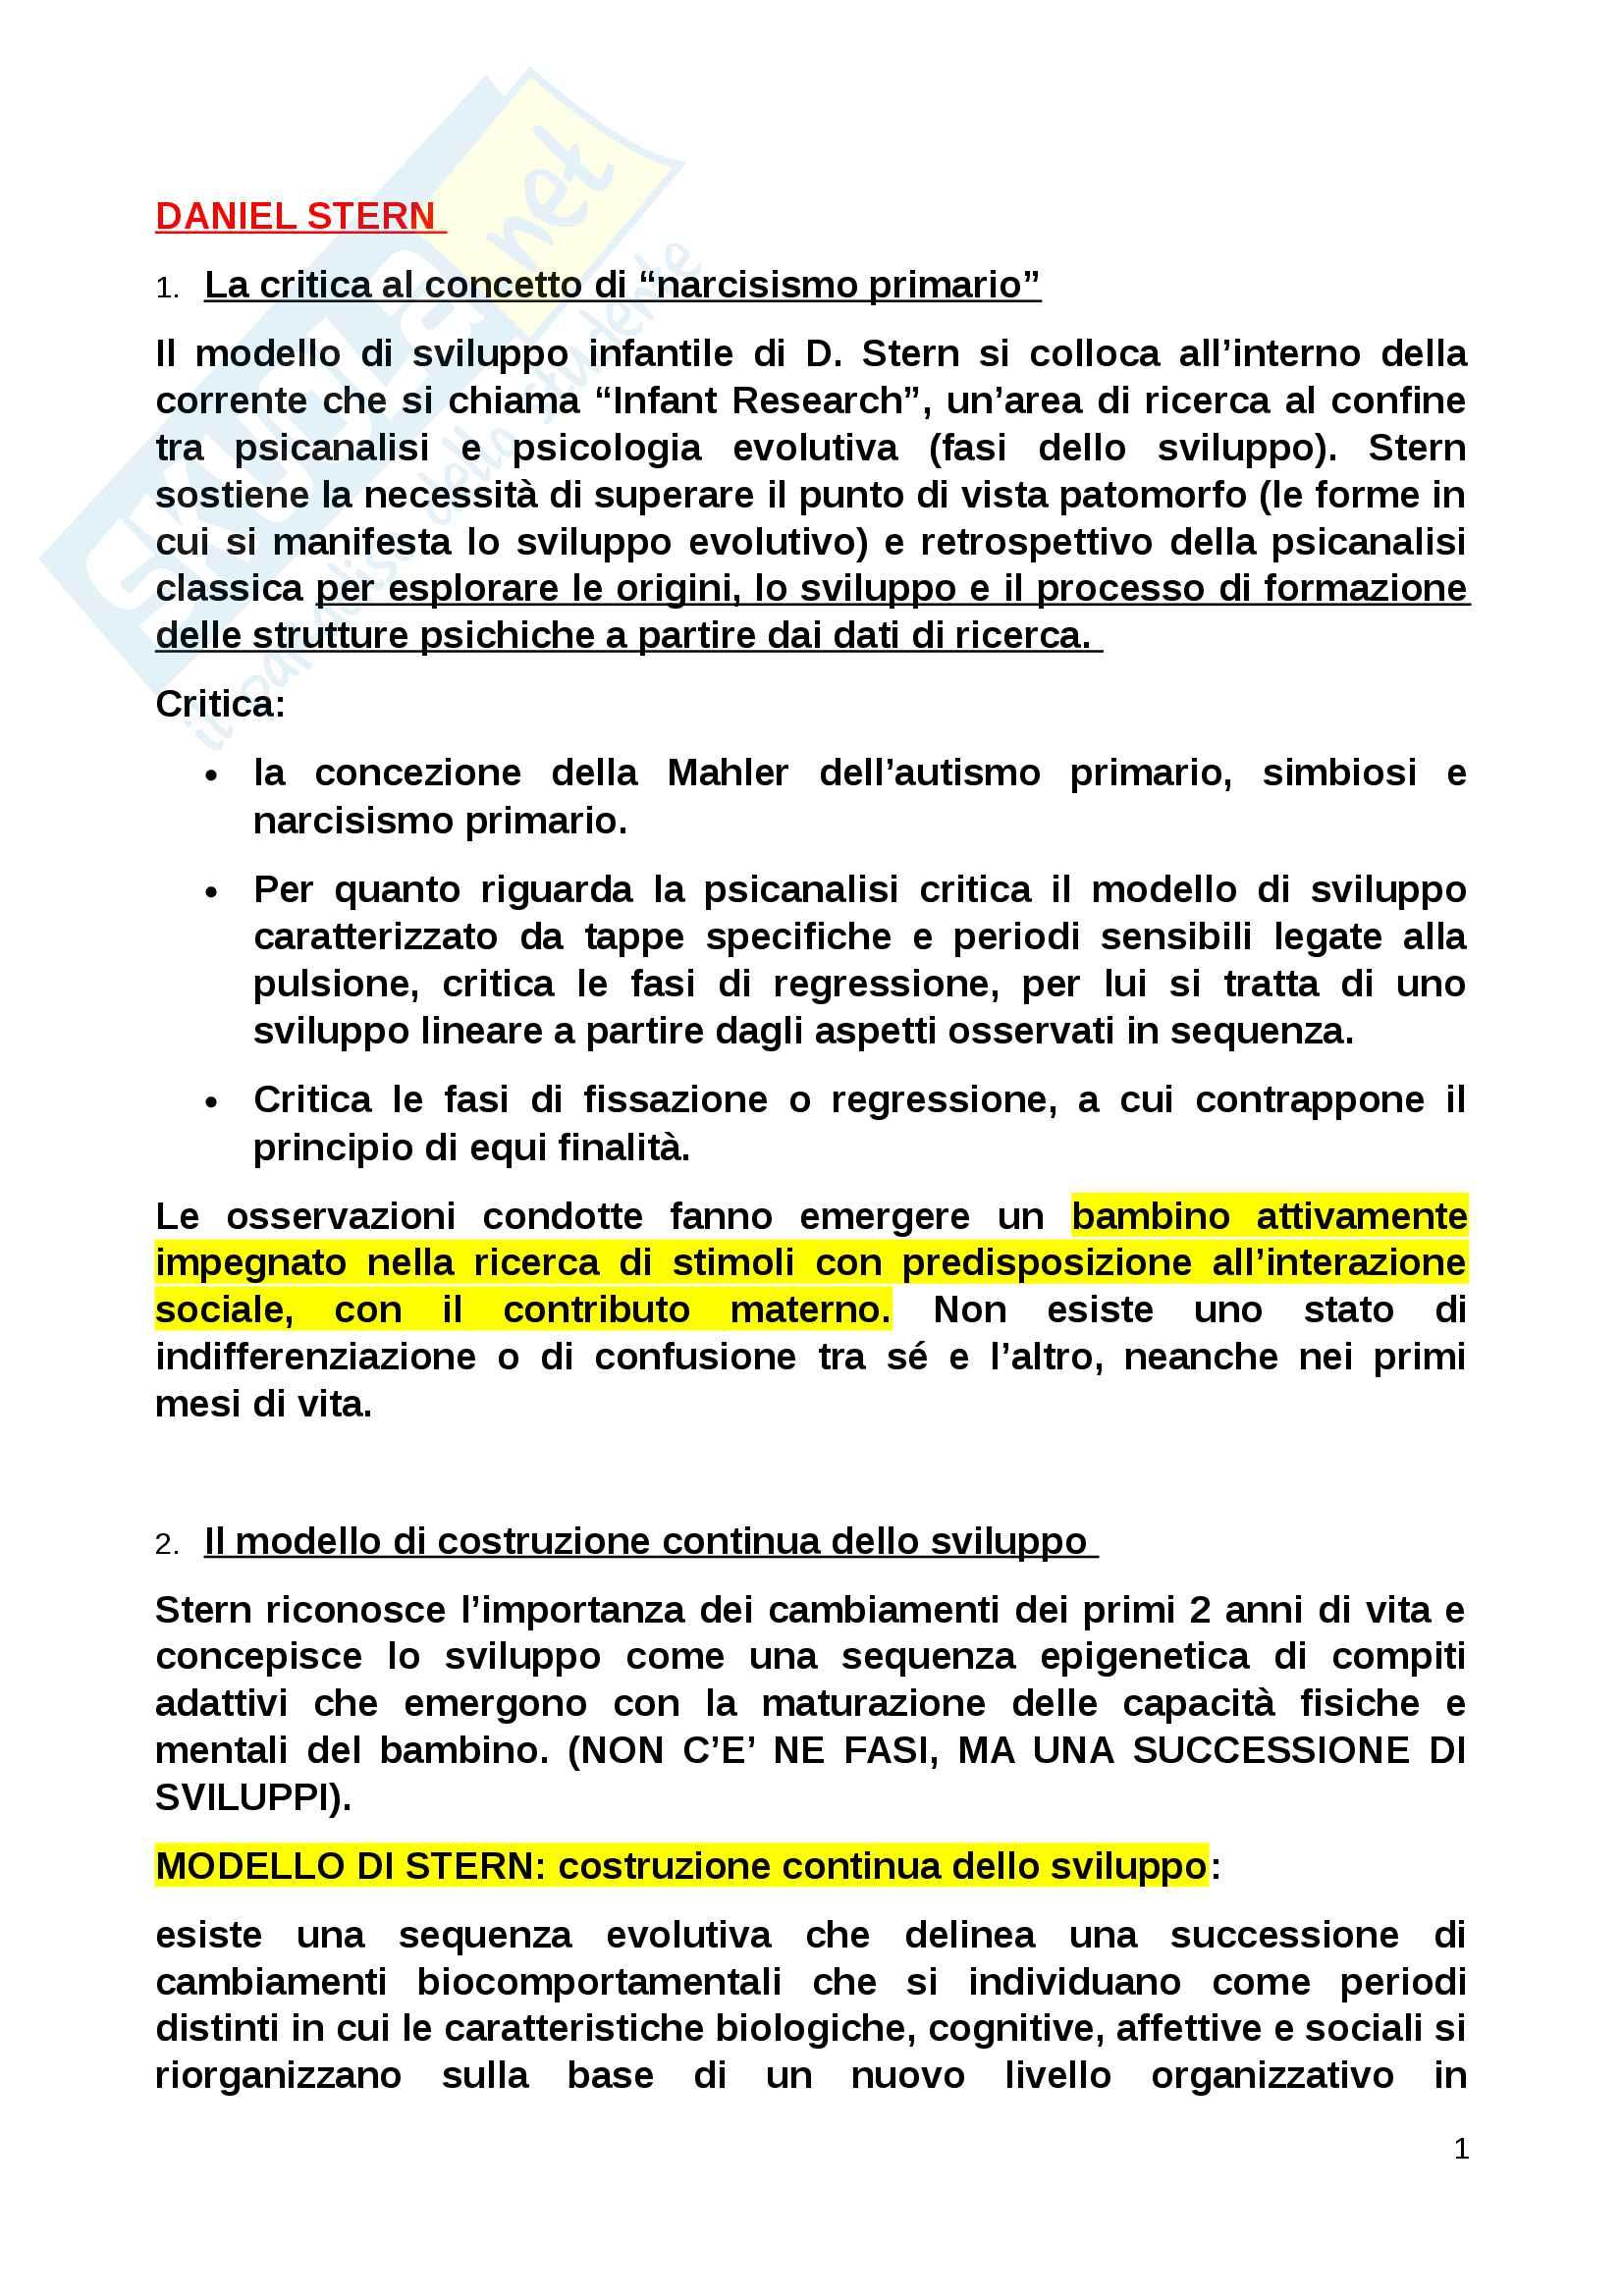 Riassunto esame Psicologia dinamica, prof. Stern, libro consigliato Manuale di psicologia dinamica, Zavattini